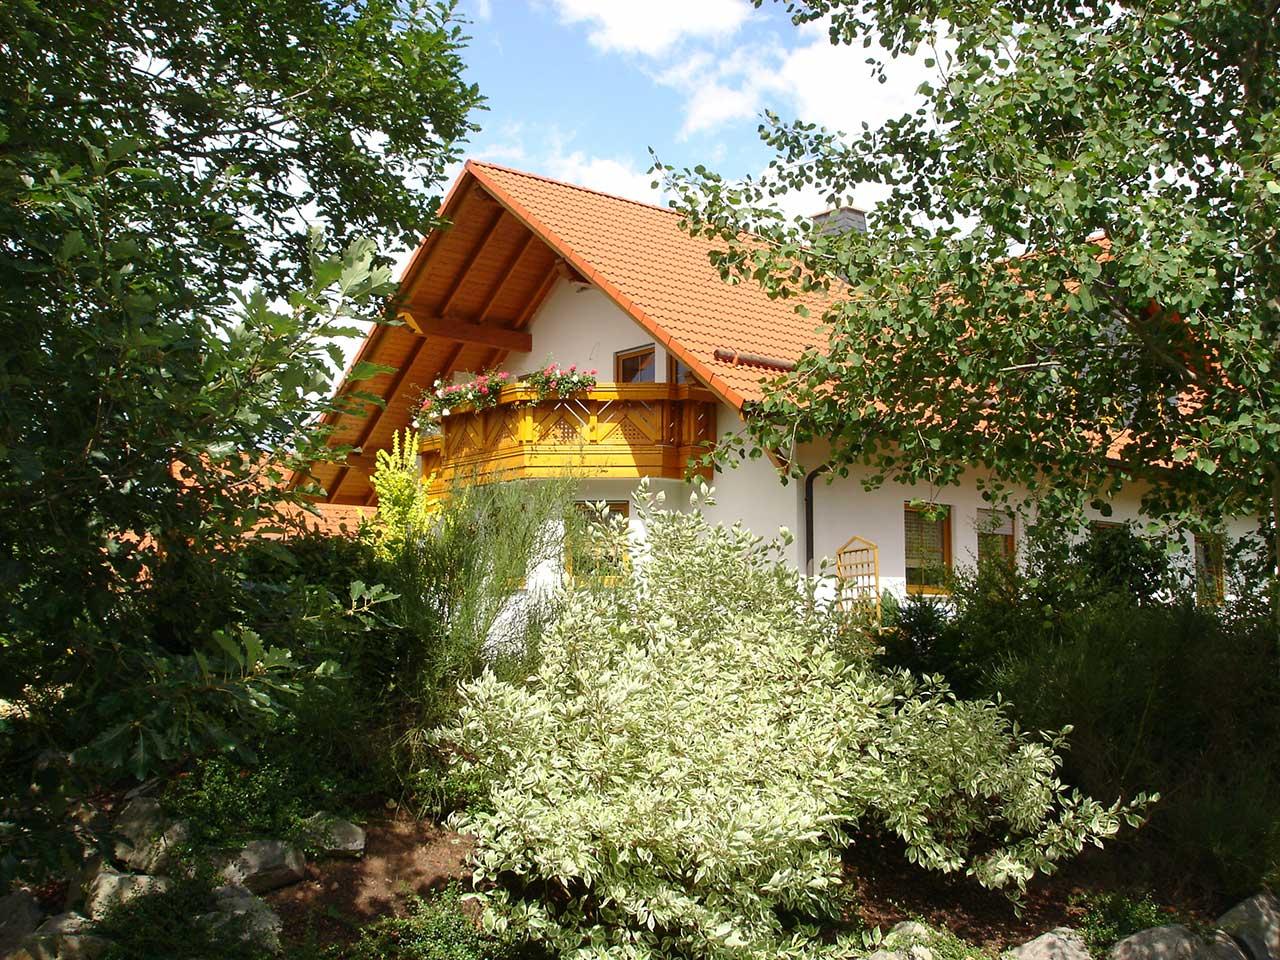 Ferienwohnung Freudensprung - Außenansicht vom Haus mit Balkon - Ansicht 2